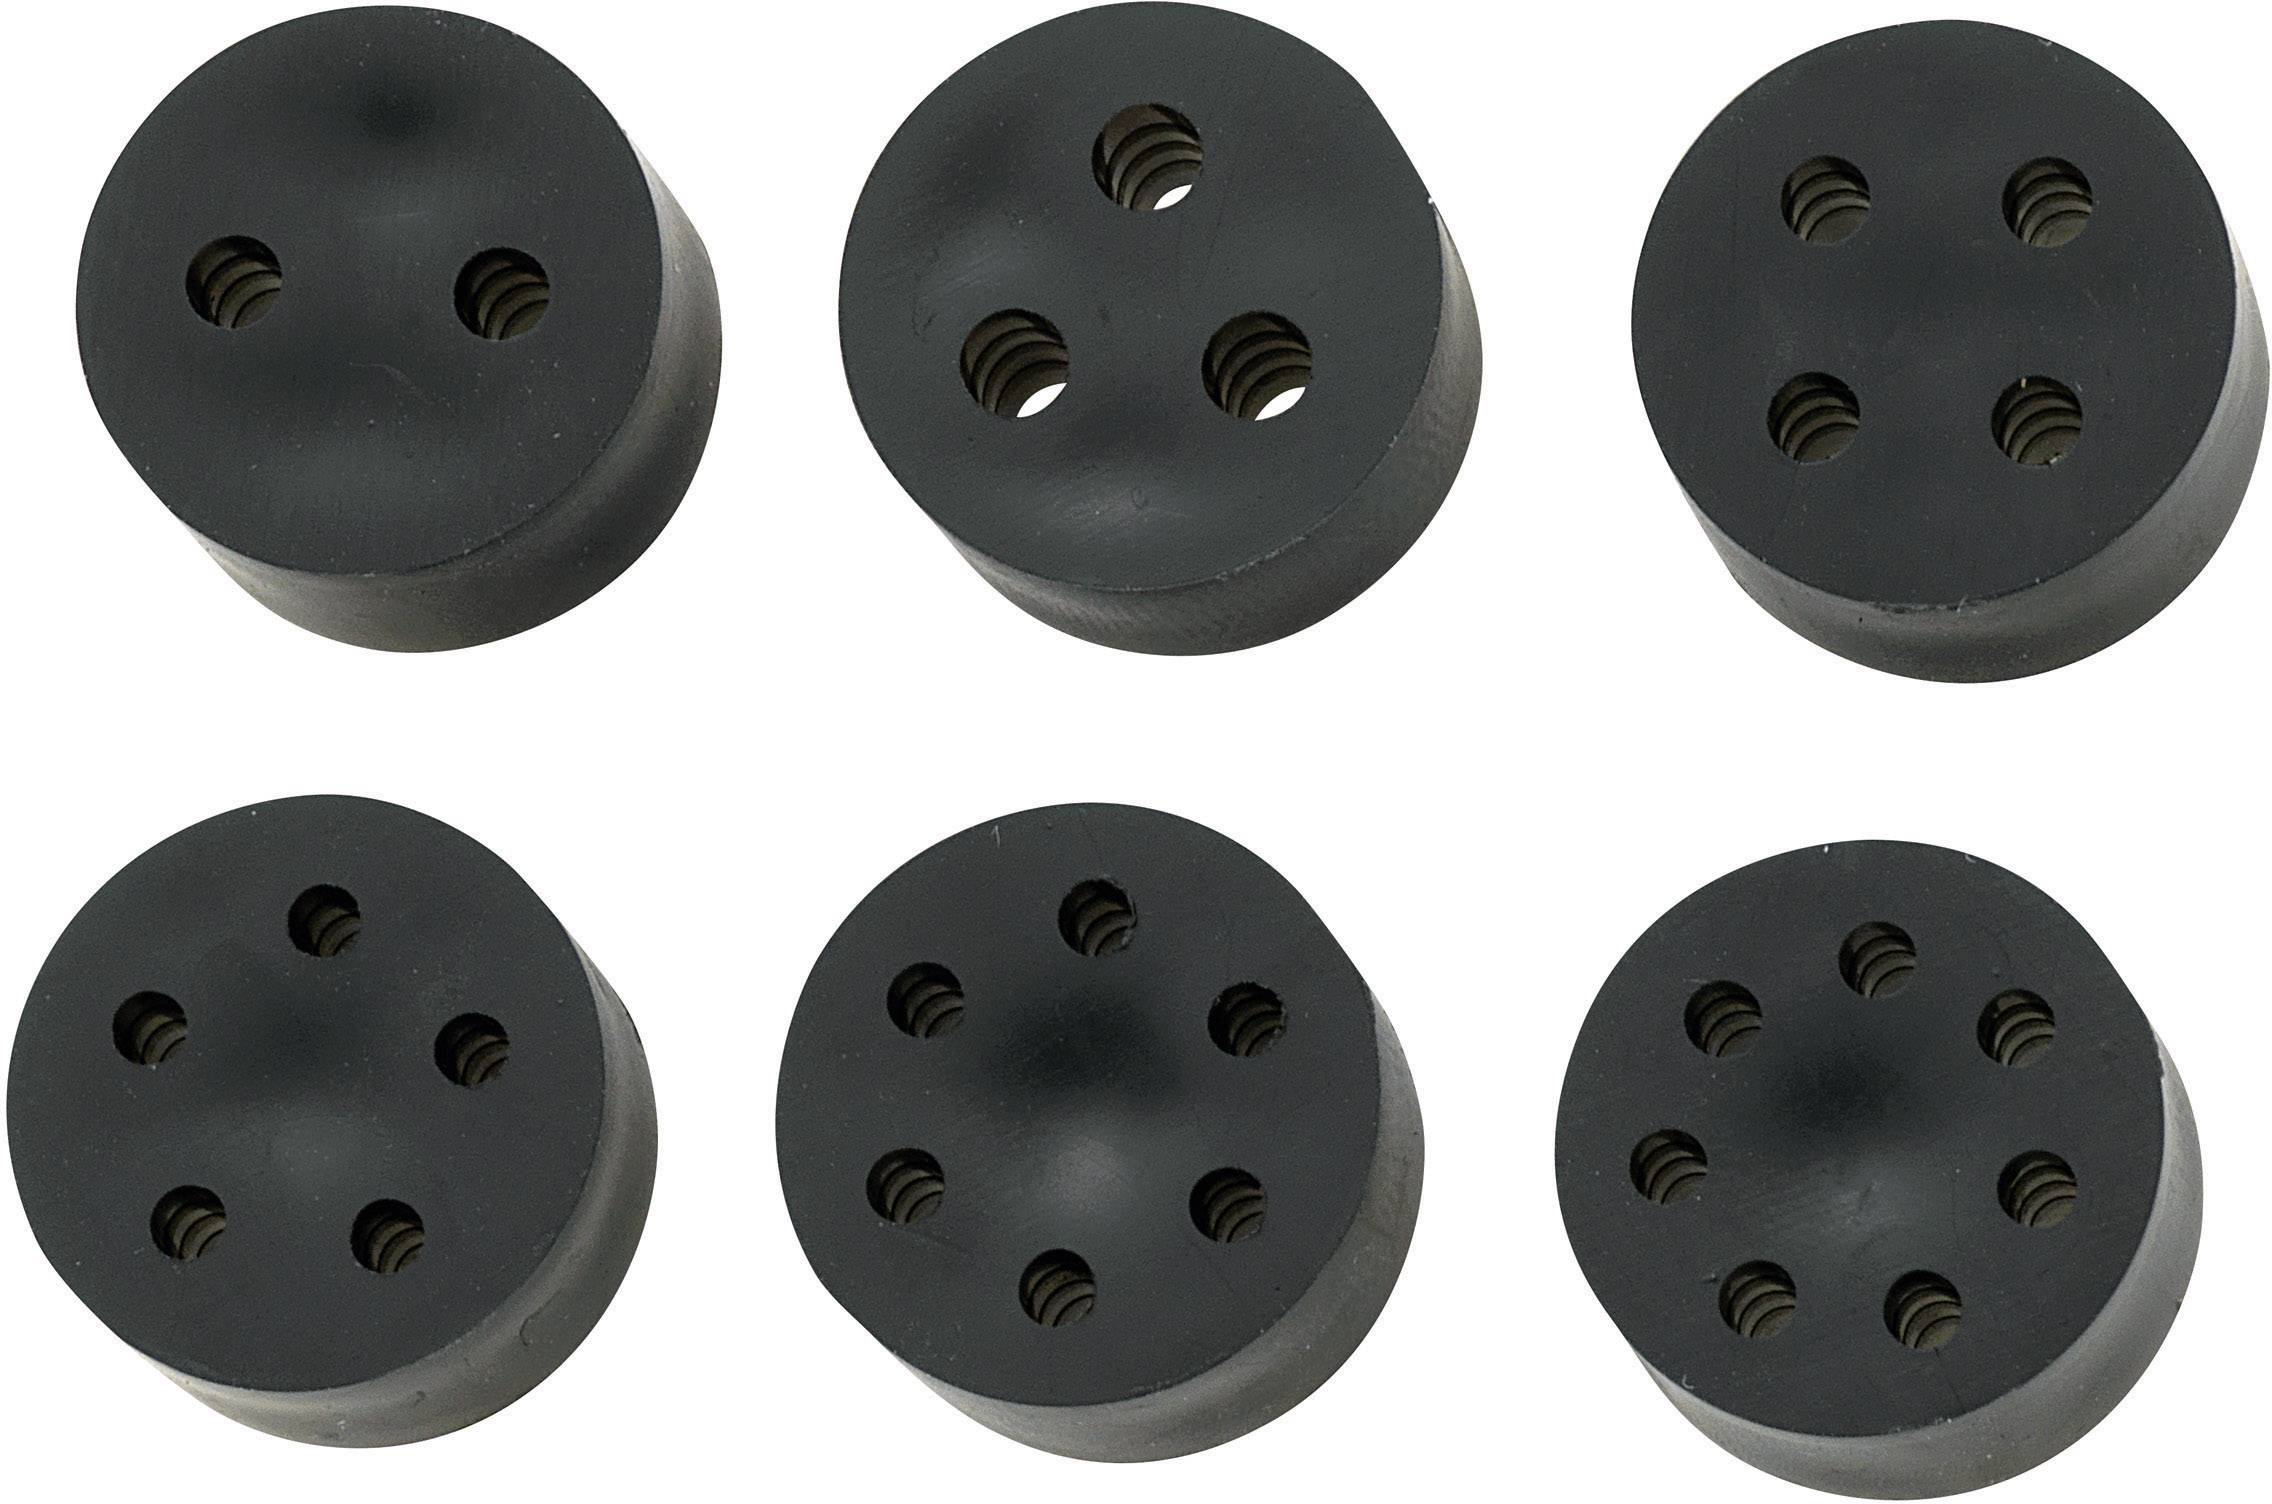 Tesniaca vložka s viacerými priechodmi KSS MH23-6A, M25, guma, 1 ks